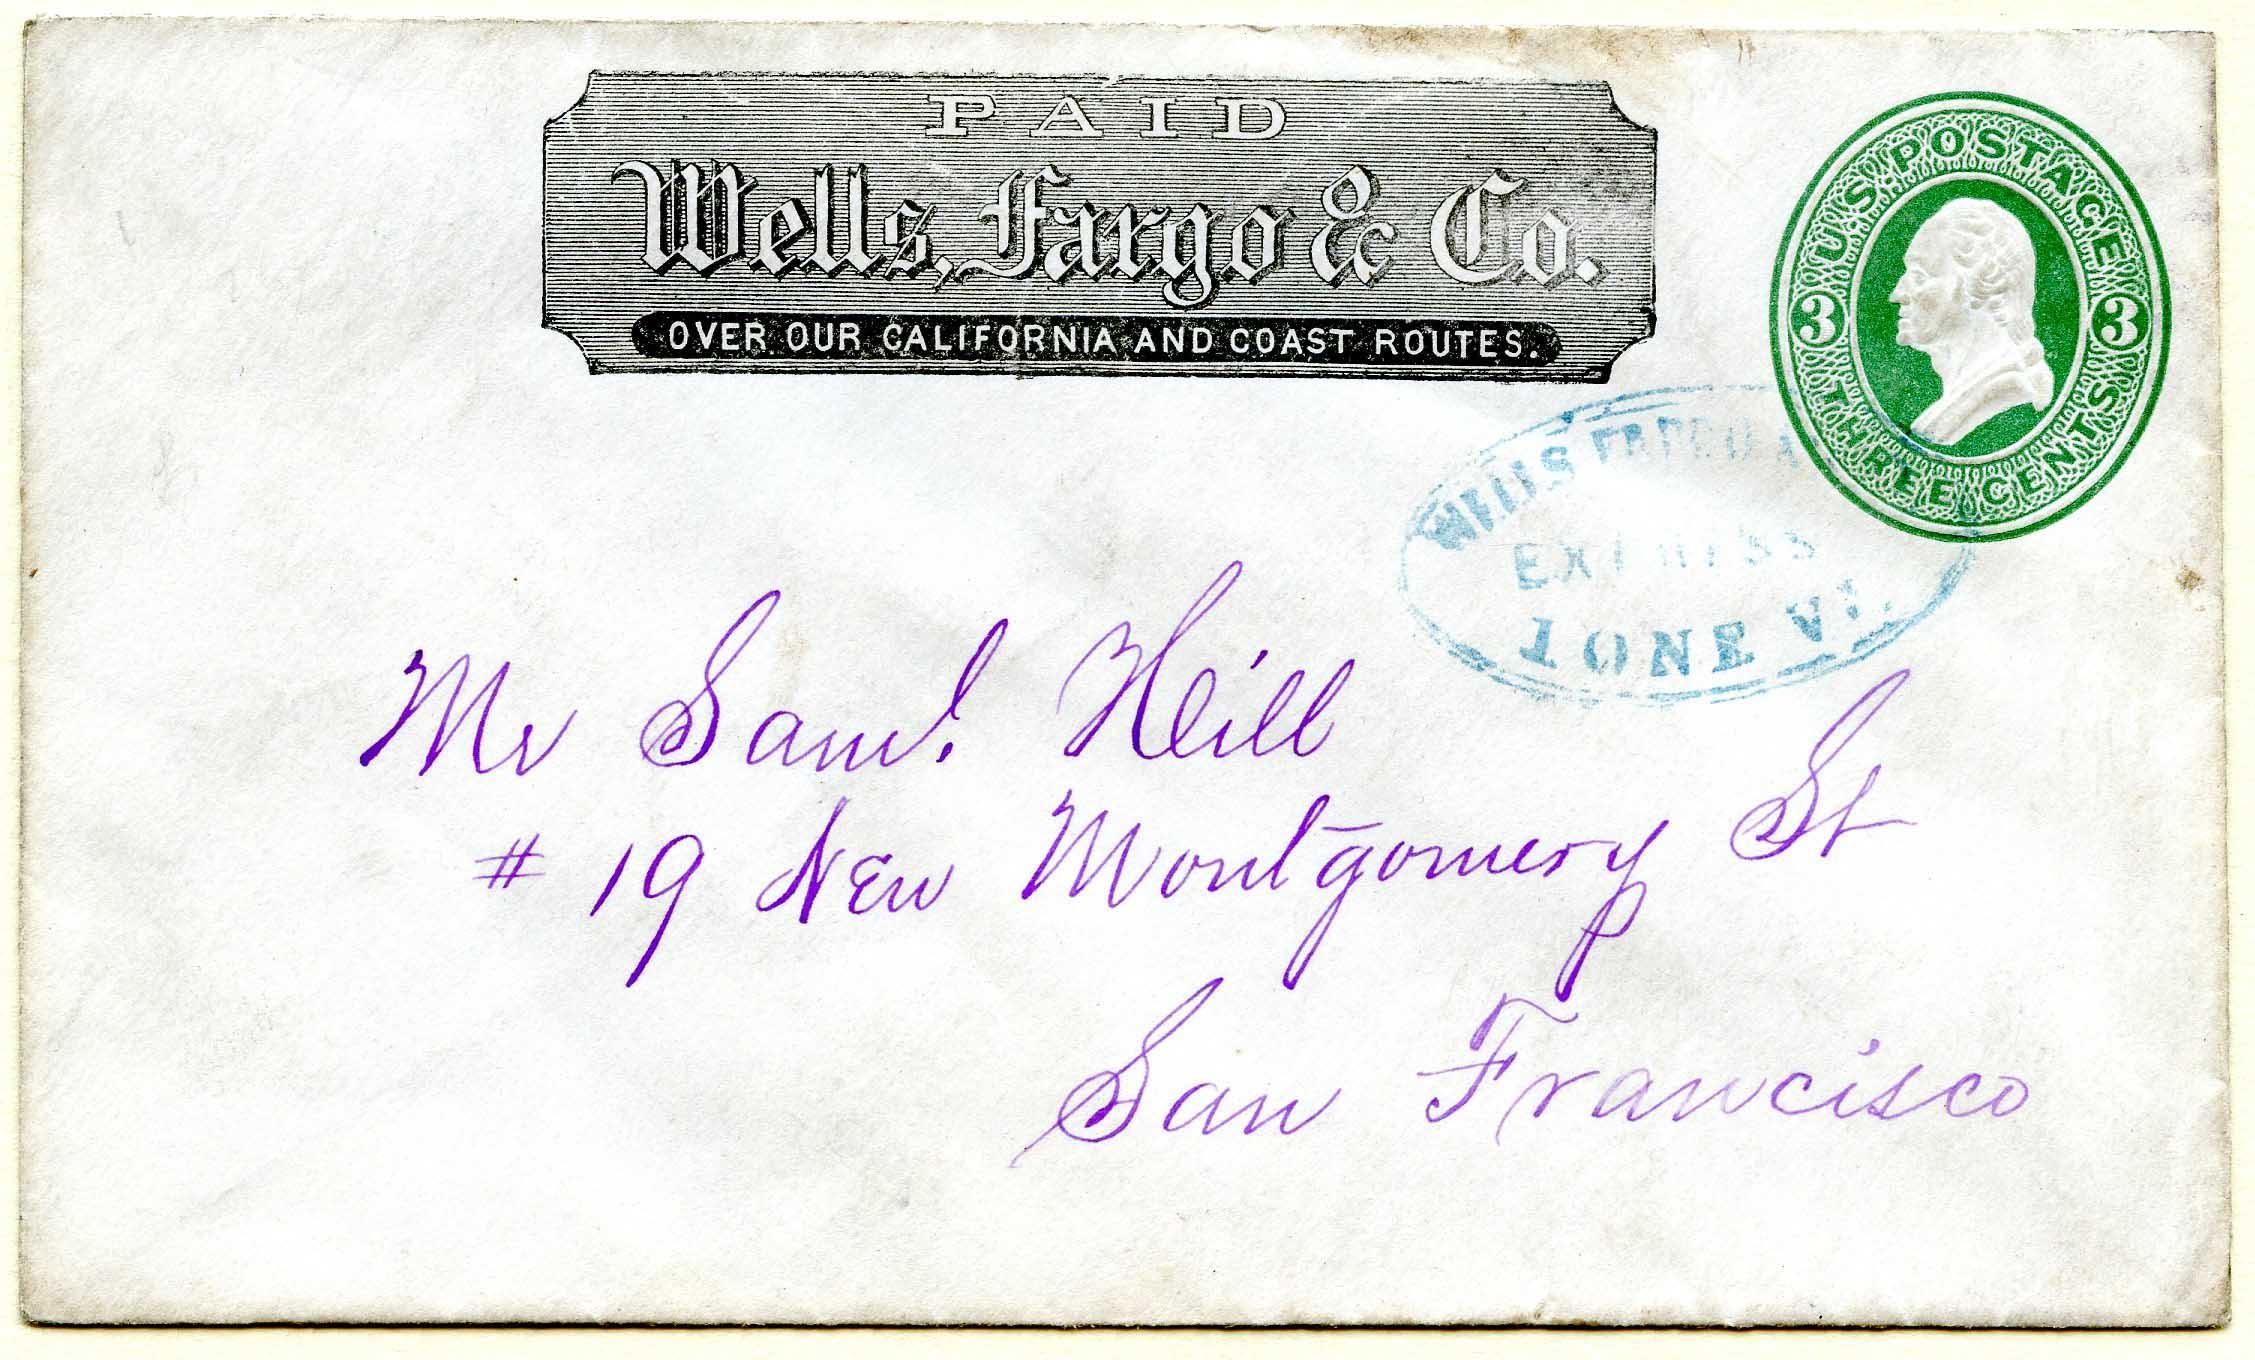 WC11040 IONE VALLEY, CA 6 11,bl U82